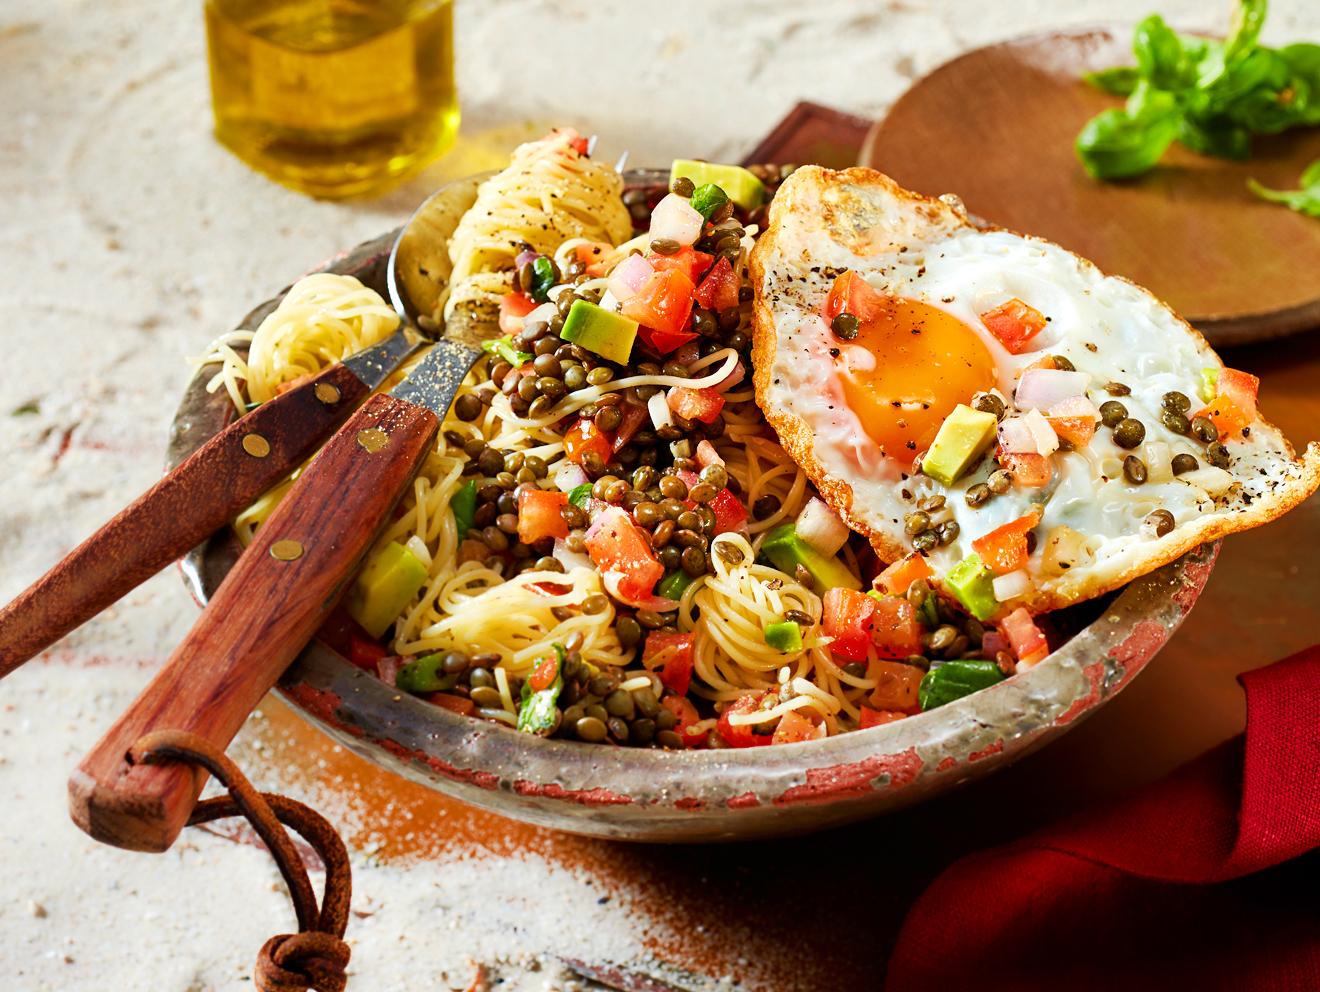 Schnelle Vegetarische Gerichte – In 30 Minuten Fertig! | Lecker verwandt mit Einfache Schnelle Rezepte Ohne Fleisch